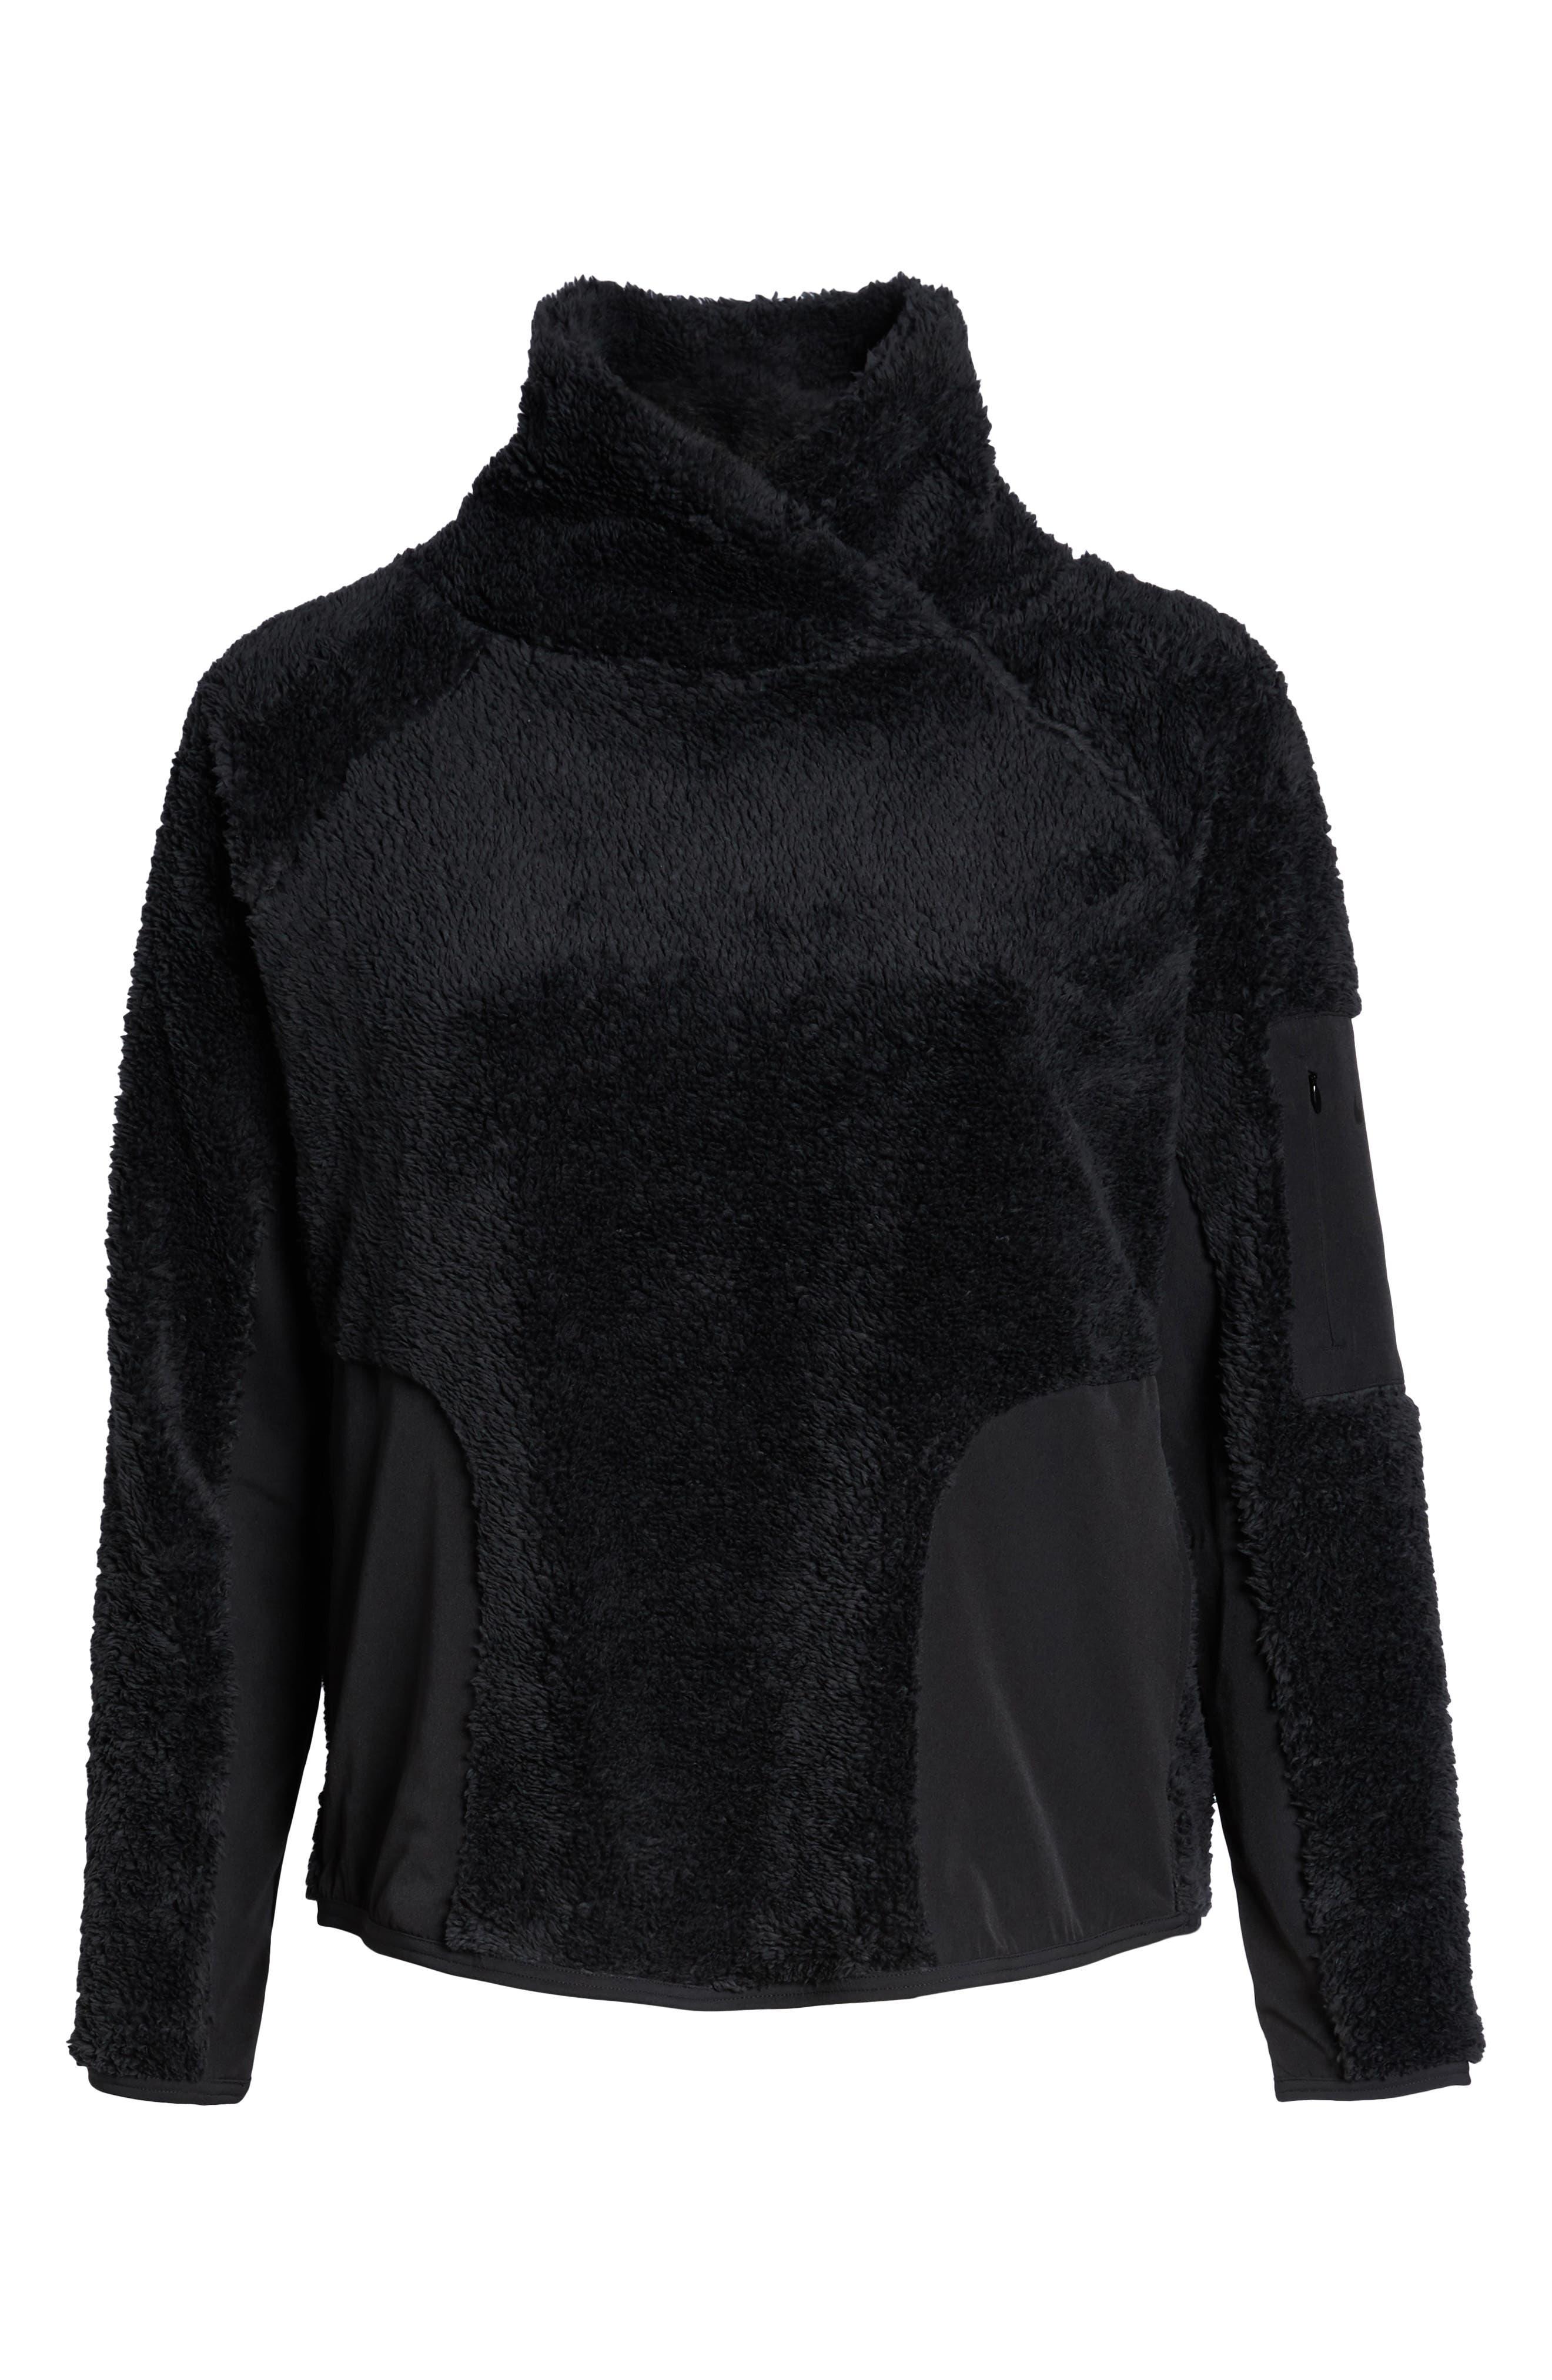 NIKE,                             Faux Shearling Pullover,                             Alternate thumbnail 7, color,                             BLACK/ BLACK